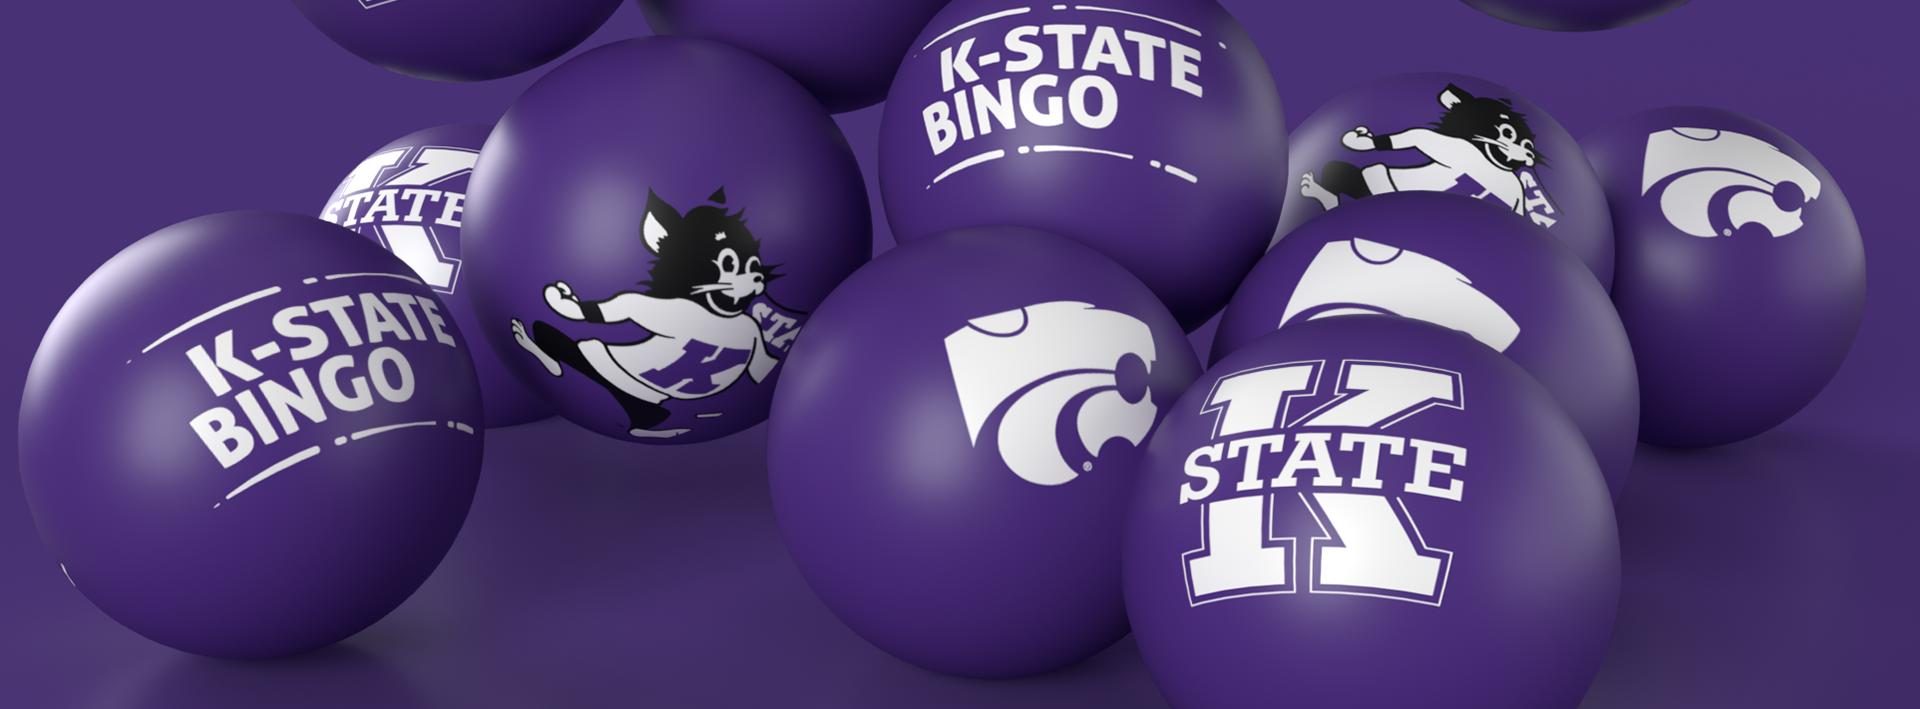 K-State Bingo